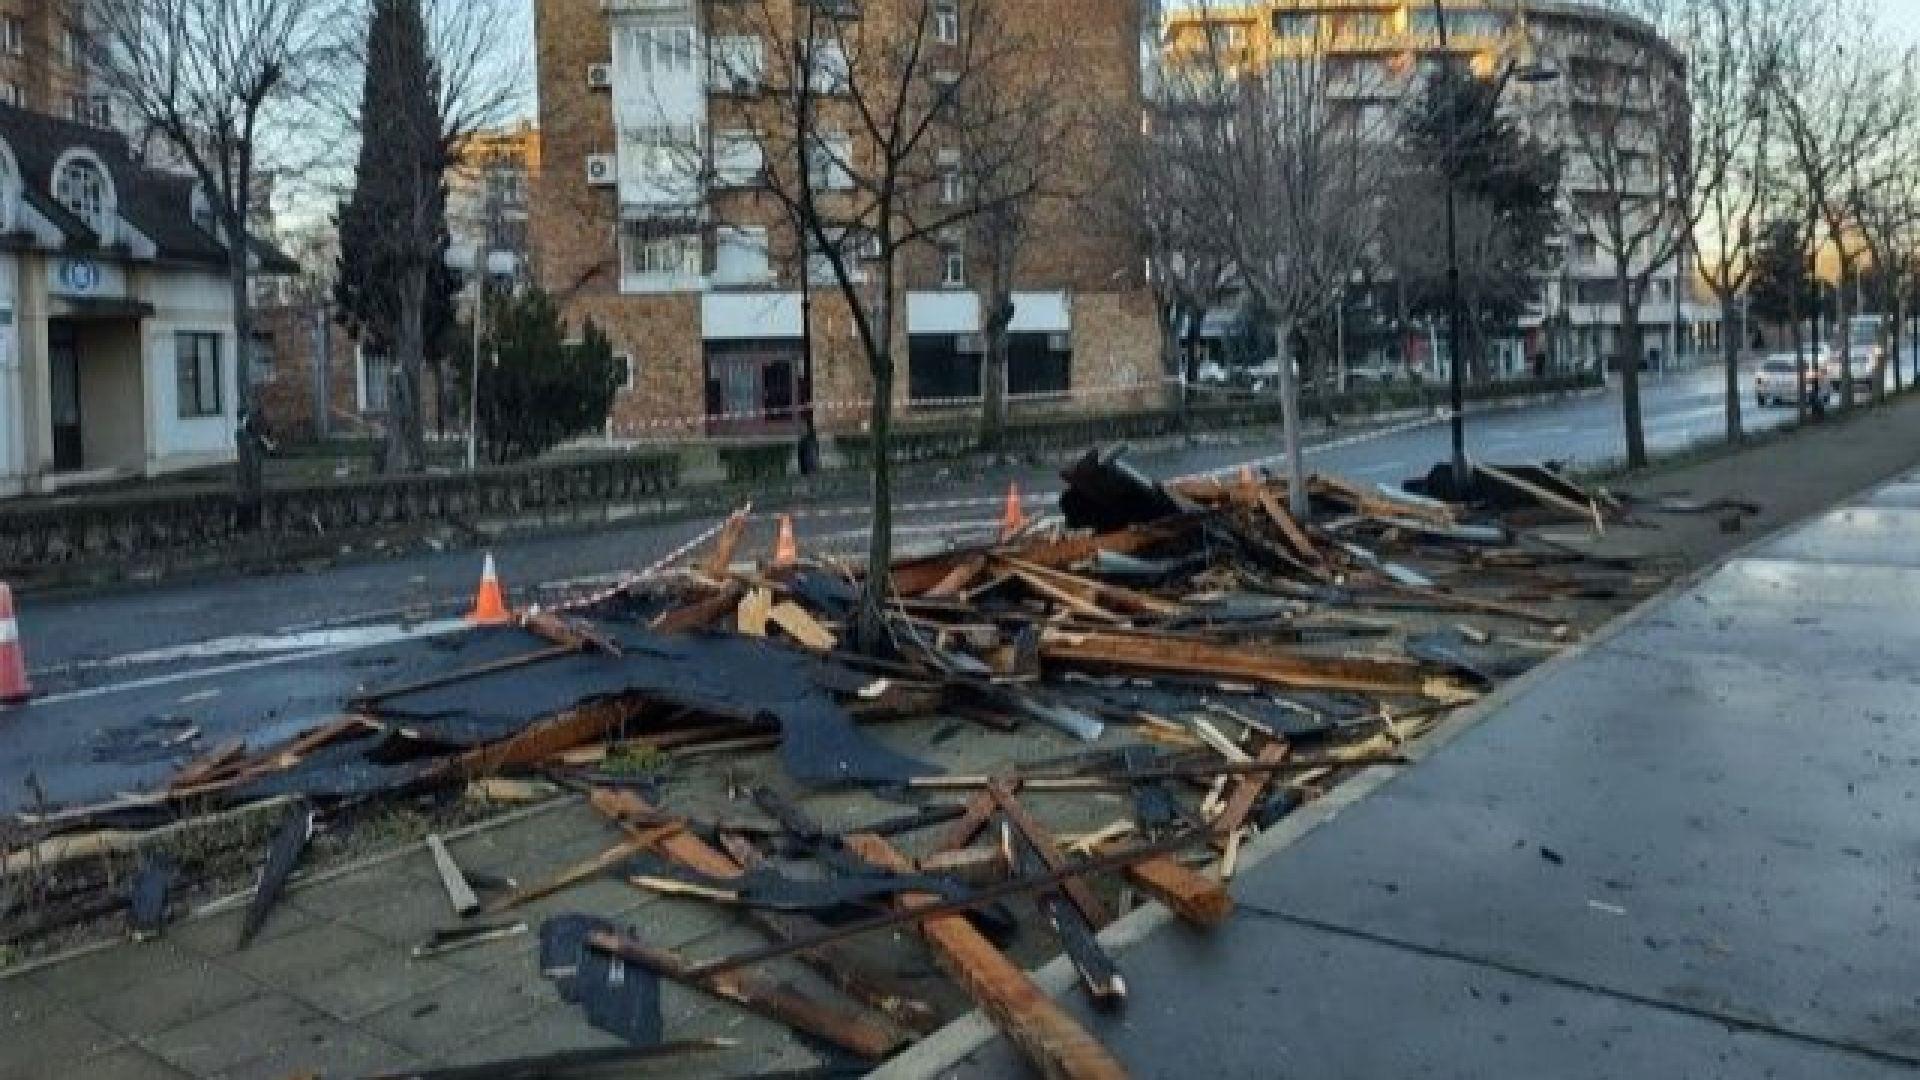 Ураганен вятър премина през Югоизточна България, в Несебър срути част от покрив на блок